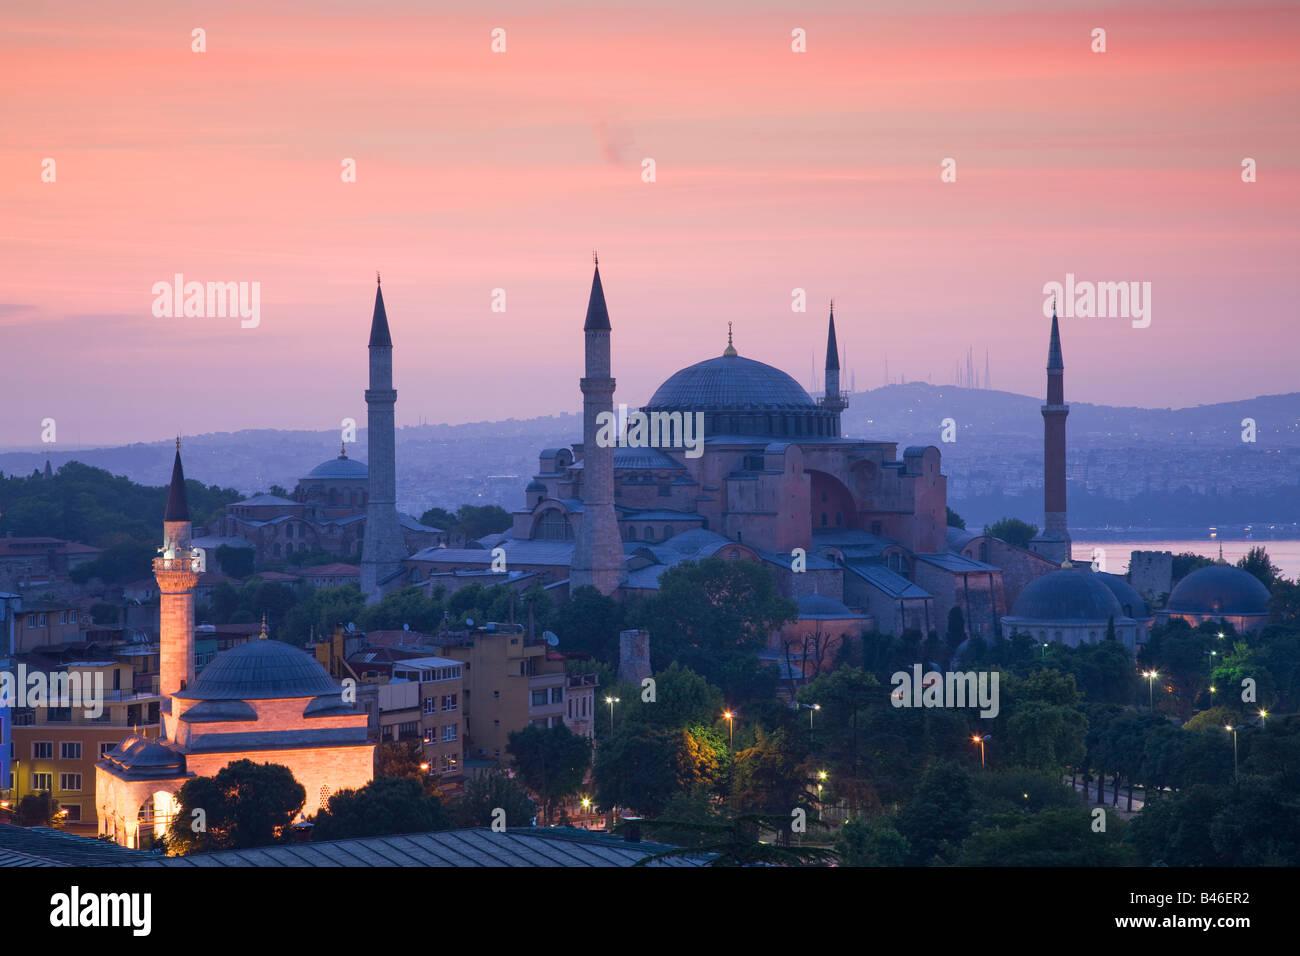 Turquie Istanbul vue élevée de la mosquée Sainte-Sophie Photo Stock